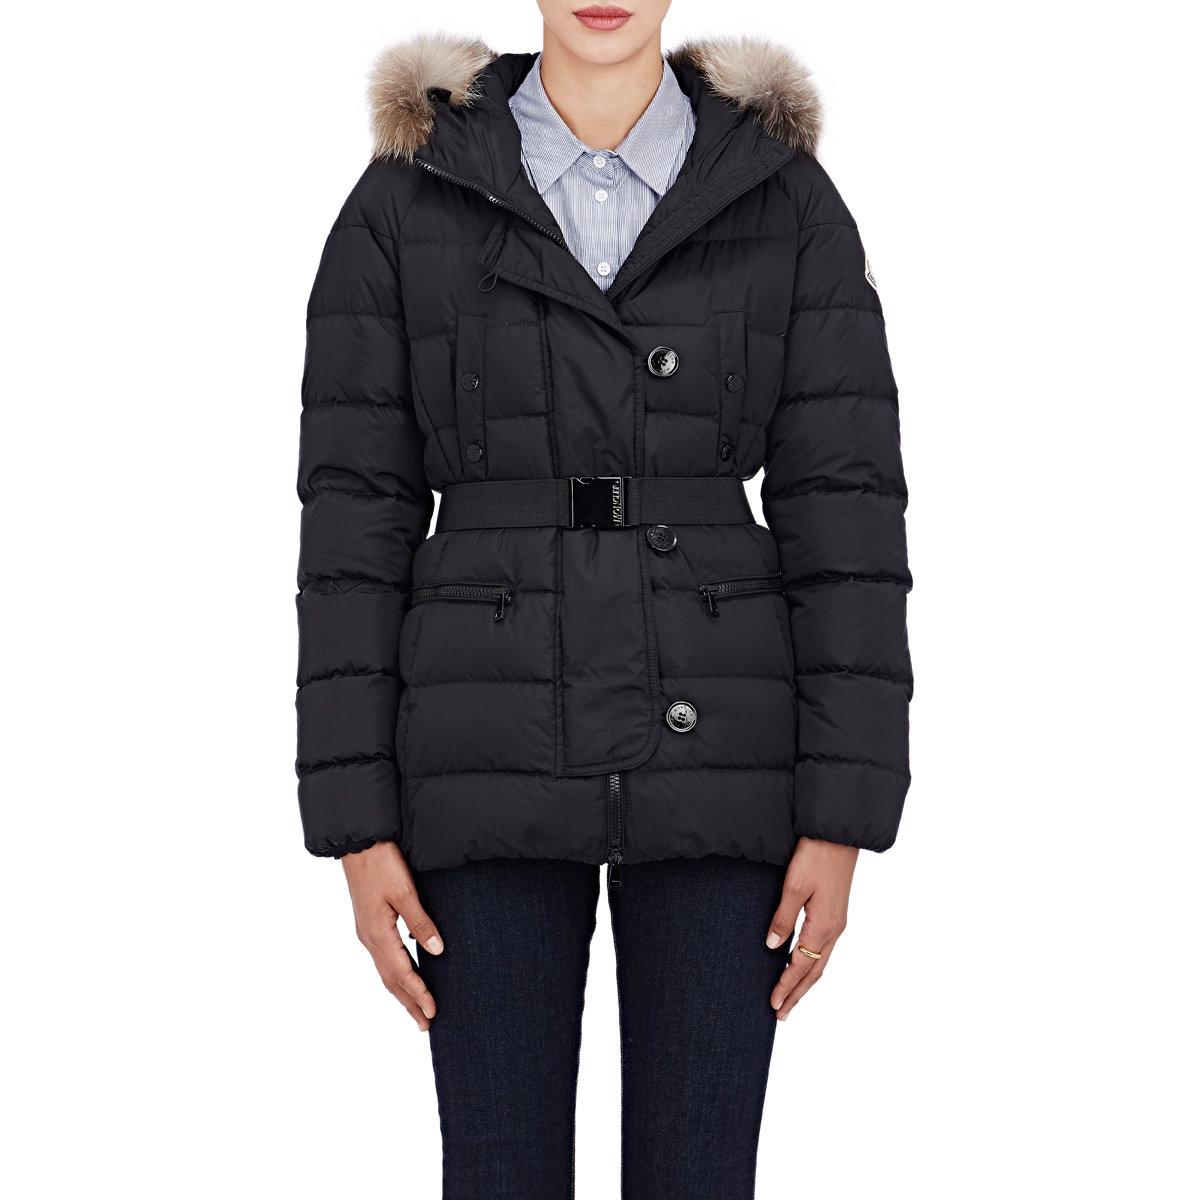 056ff2c58 Lyst - Moncler Genette Fur-trimmed Puffer Jacket in Black